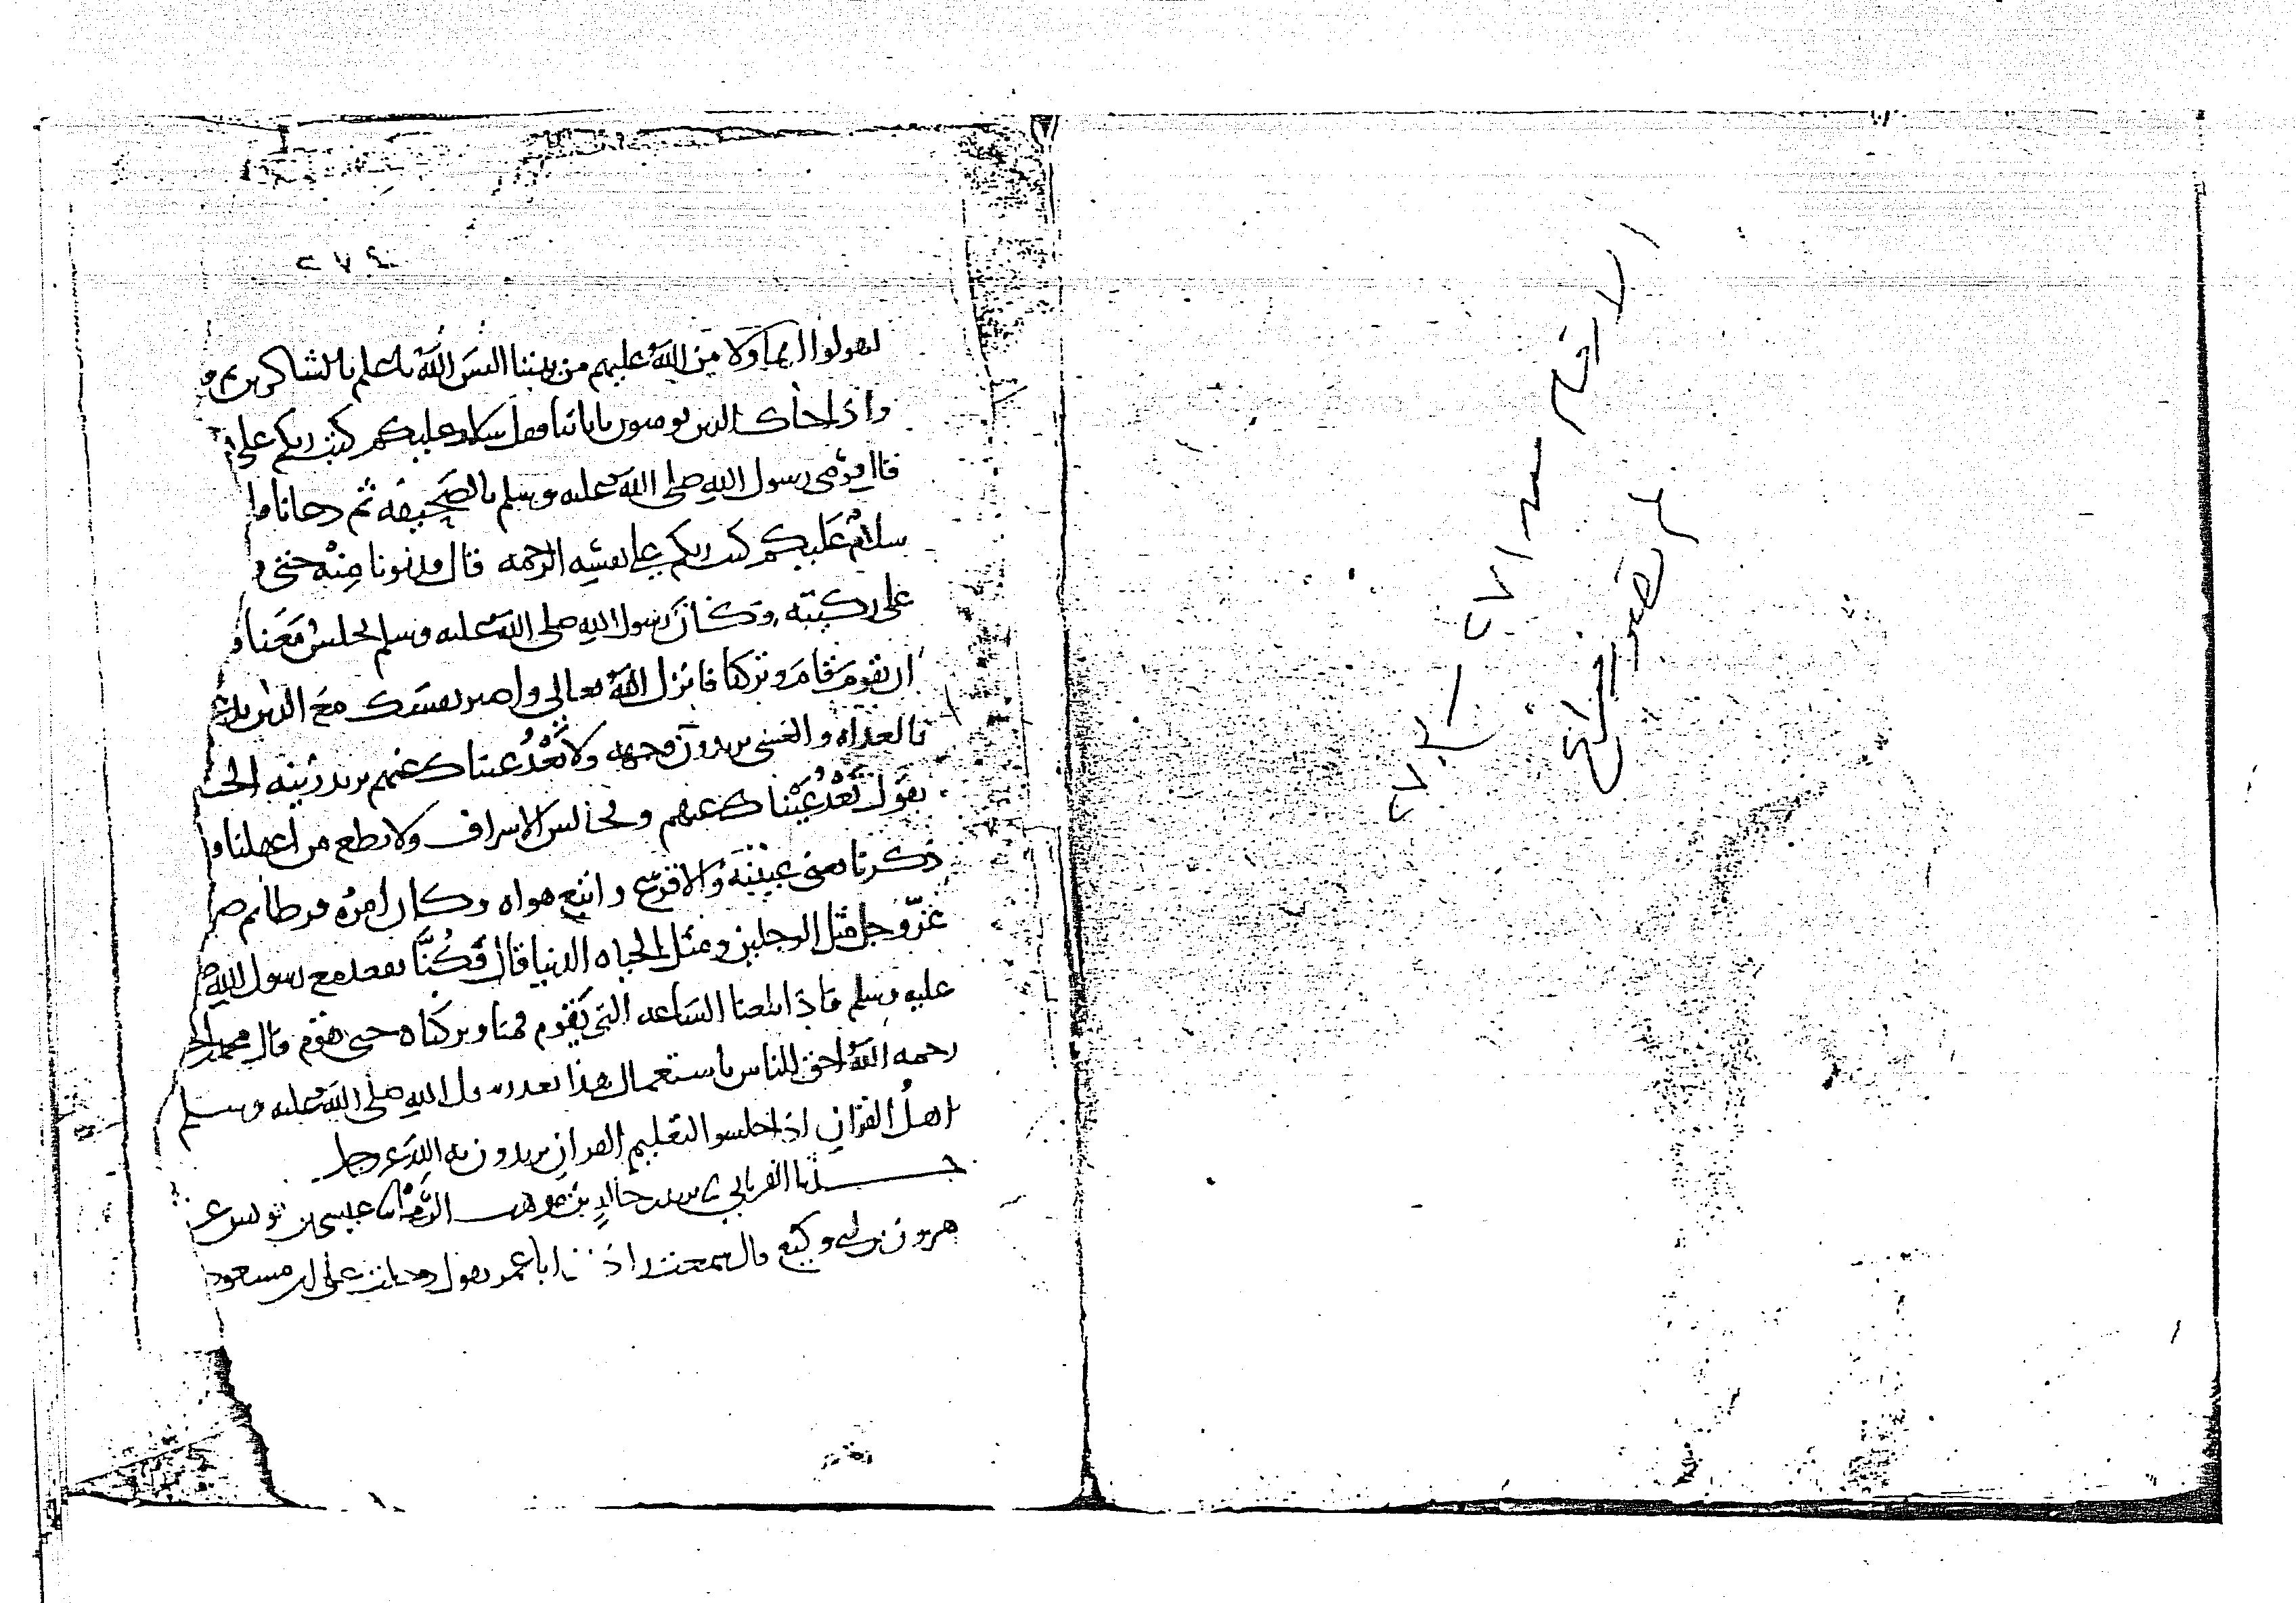 آداب حملة القرآن (نسخة ثالثة) - أبو بكر محمد بن الحسين بن عبد الله الآجري البغدادي (ت 360)